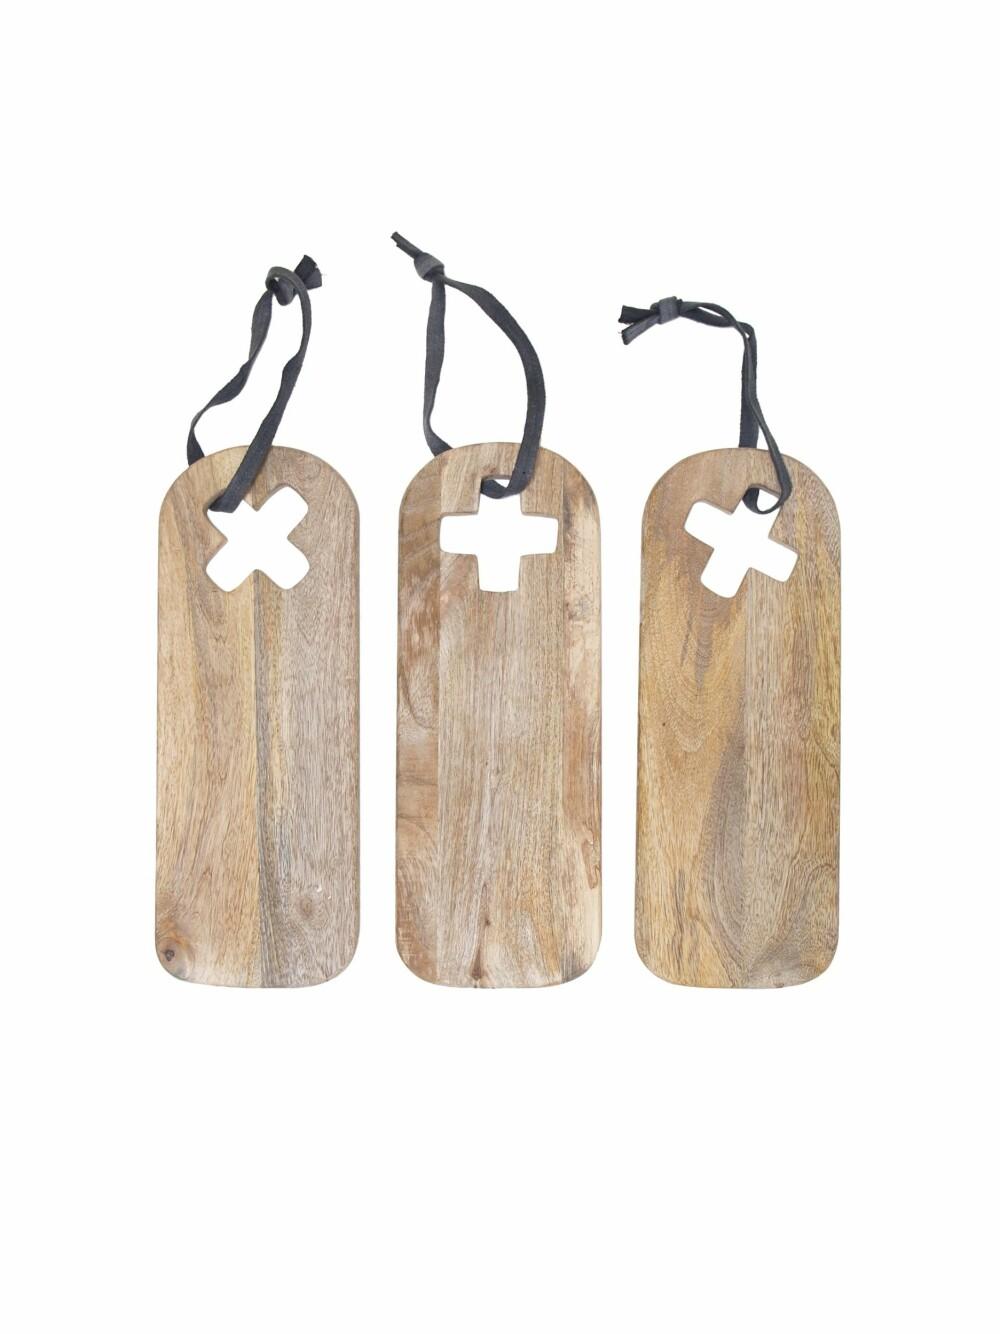 Eksotisk trio. Når mangotrærne har båret frukter, blir de hugget og nye blir plantet. Treverket brukes blant annet til å lage møbler og interiør av, som for eksempel disse dekorative brødfjølene. Mål: 40 x 15 cm, kr 125 pr. stk., hkliving.nl.